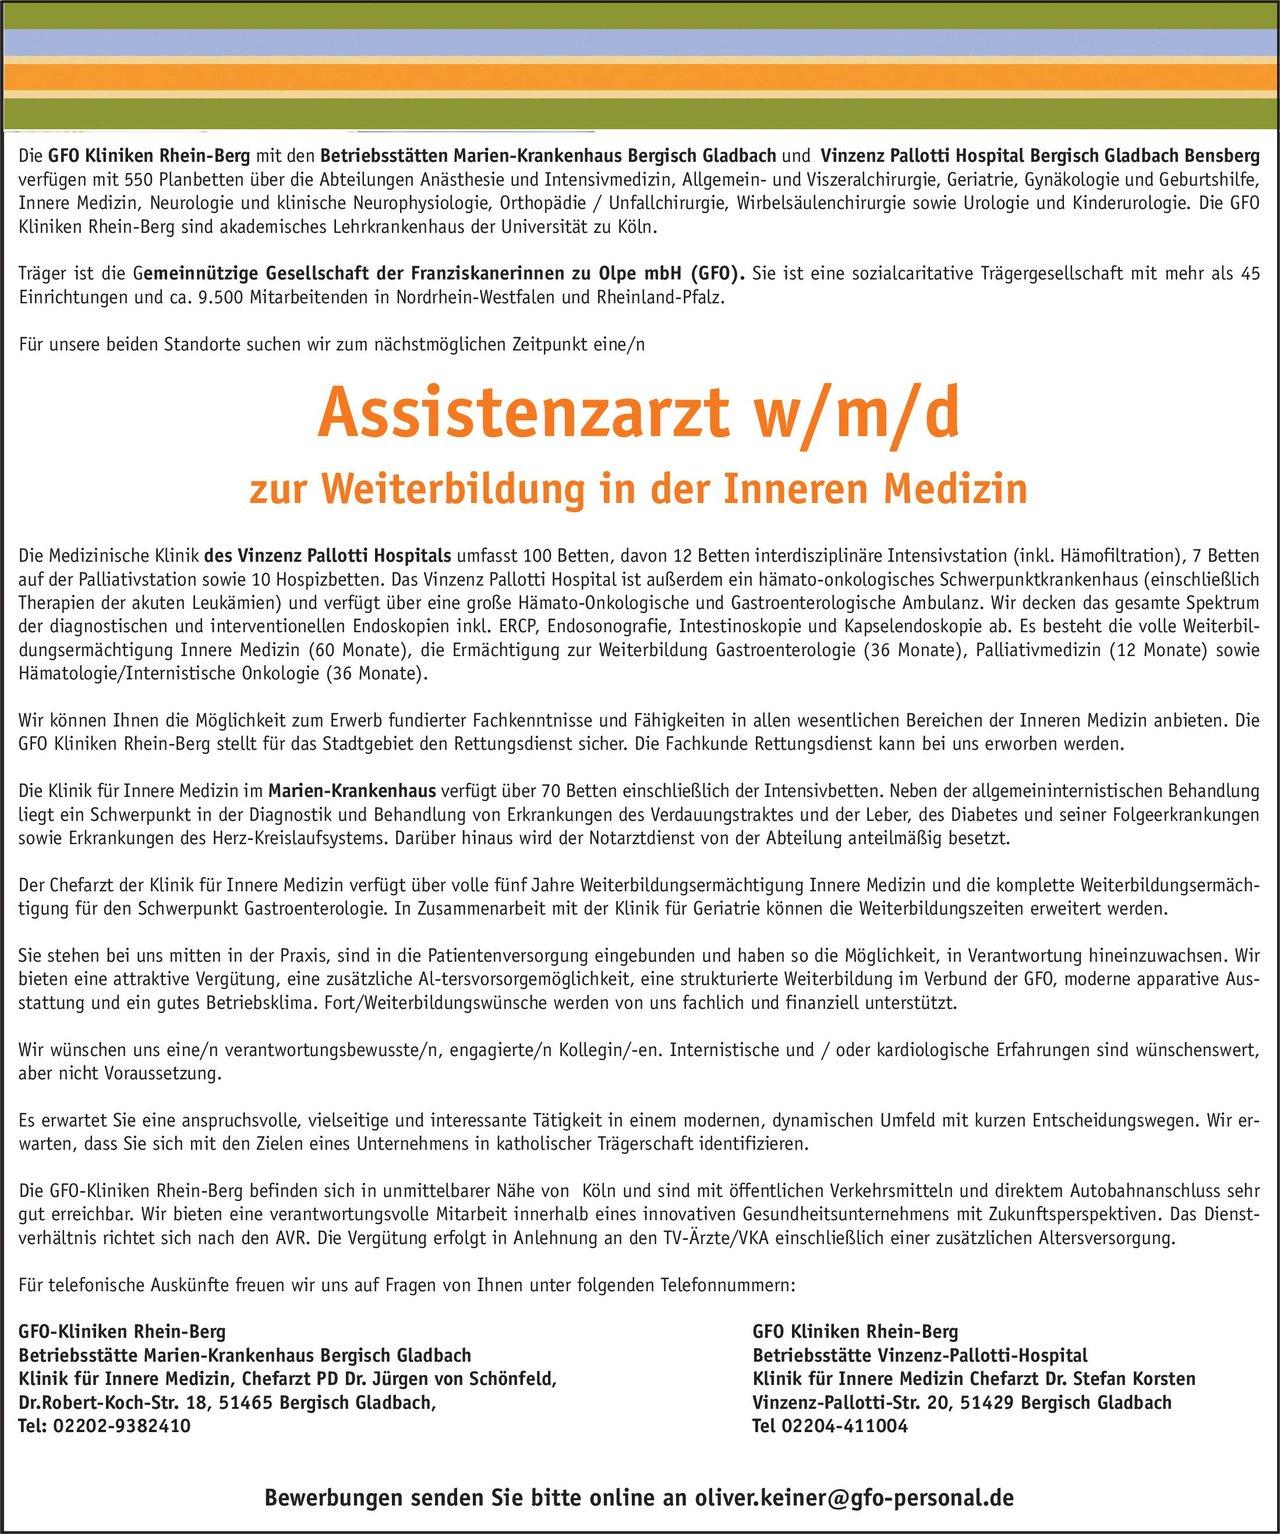 GFO Kliniken Rhein-Berg - Vinzenz Pallotti Hospital Bergisch Gladbach Bensberg Assistenzarzt w/m/d zur Weiterbildung in der Inneren Medizin  Innere Medizin, Innere Medizin Assistenzarzt / Arzt in Weiterbildung